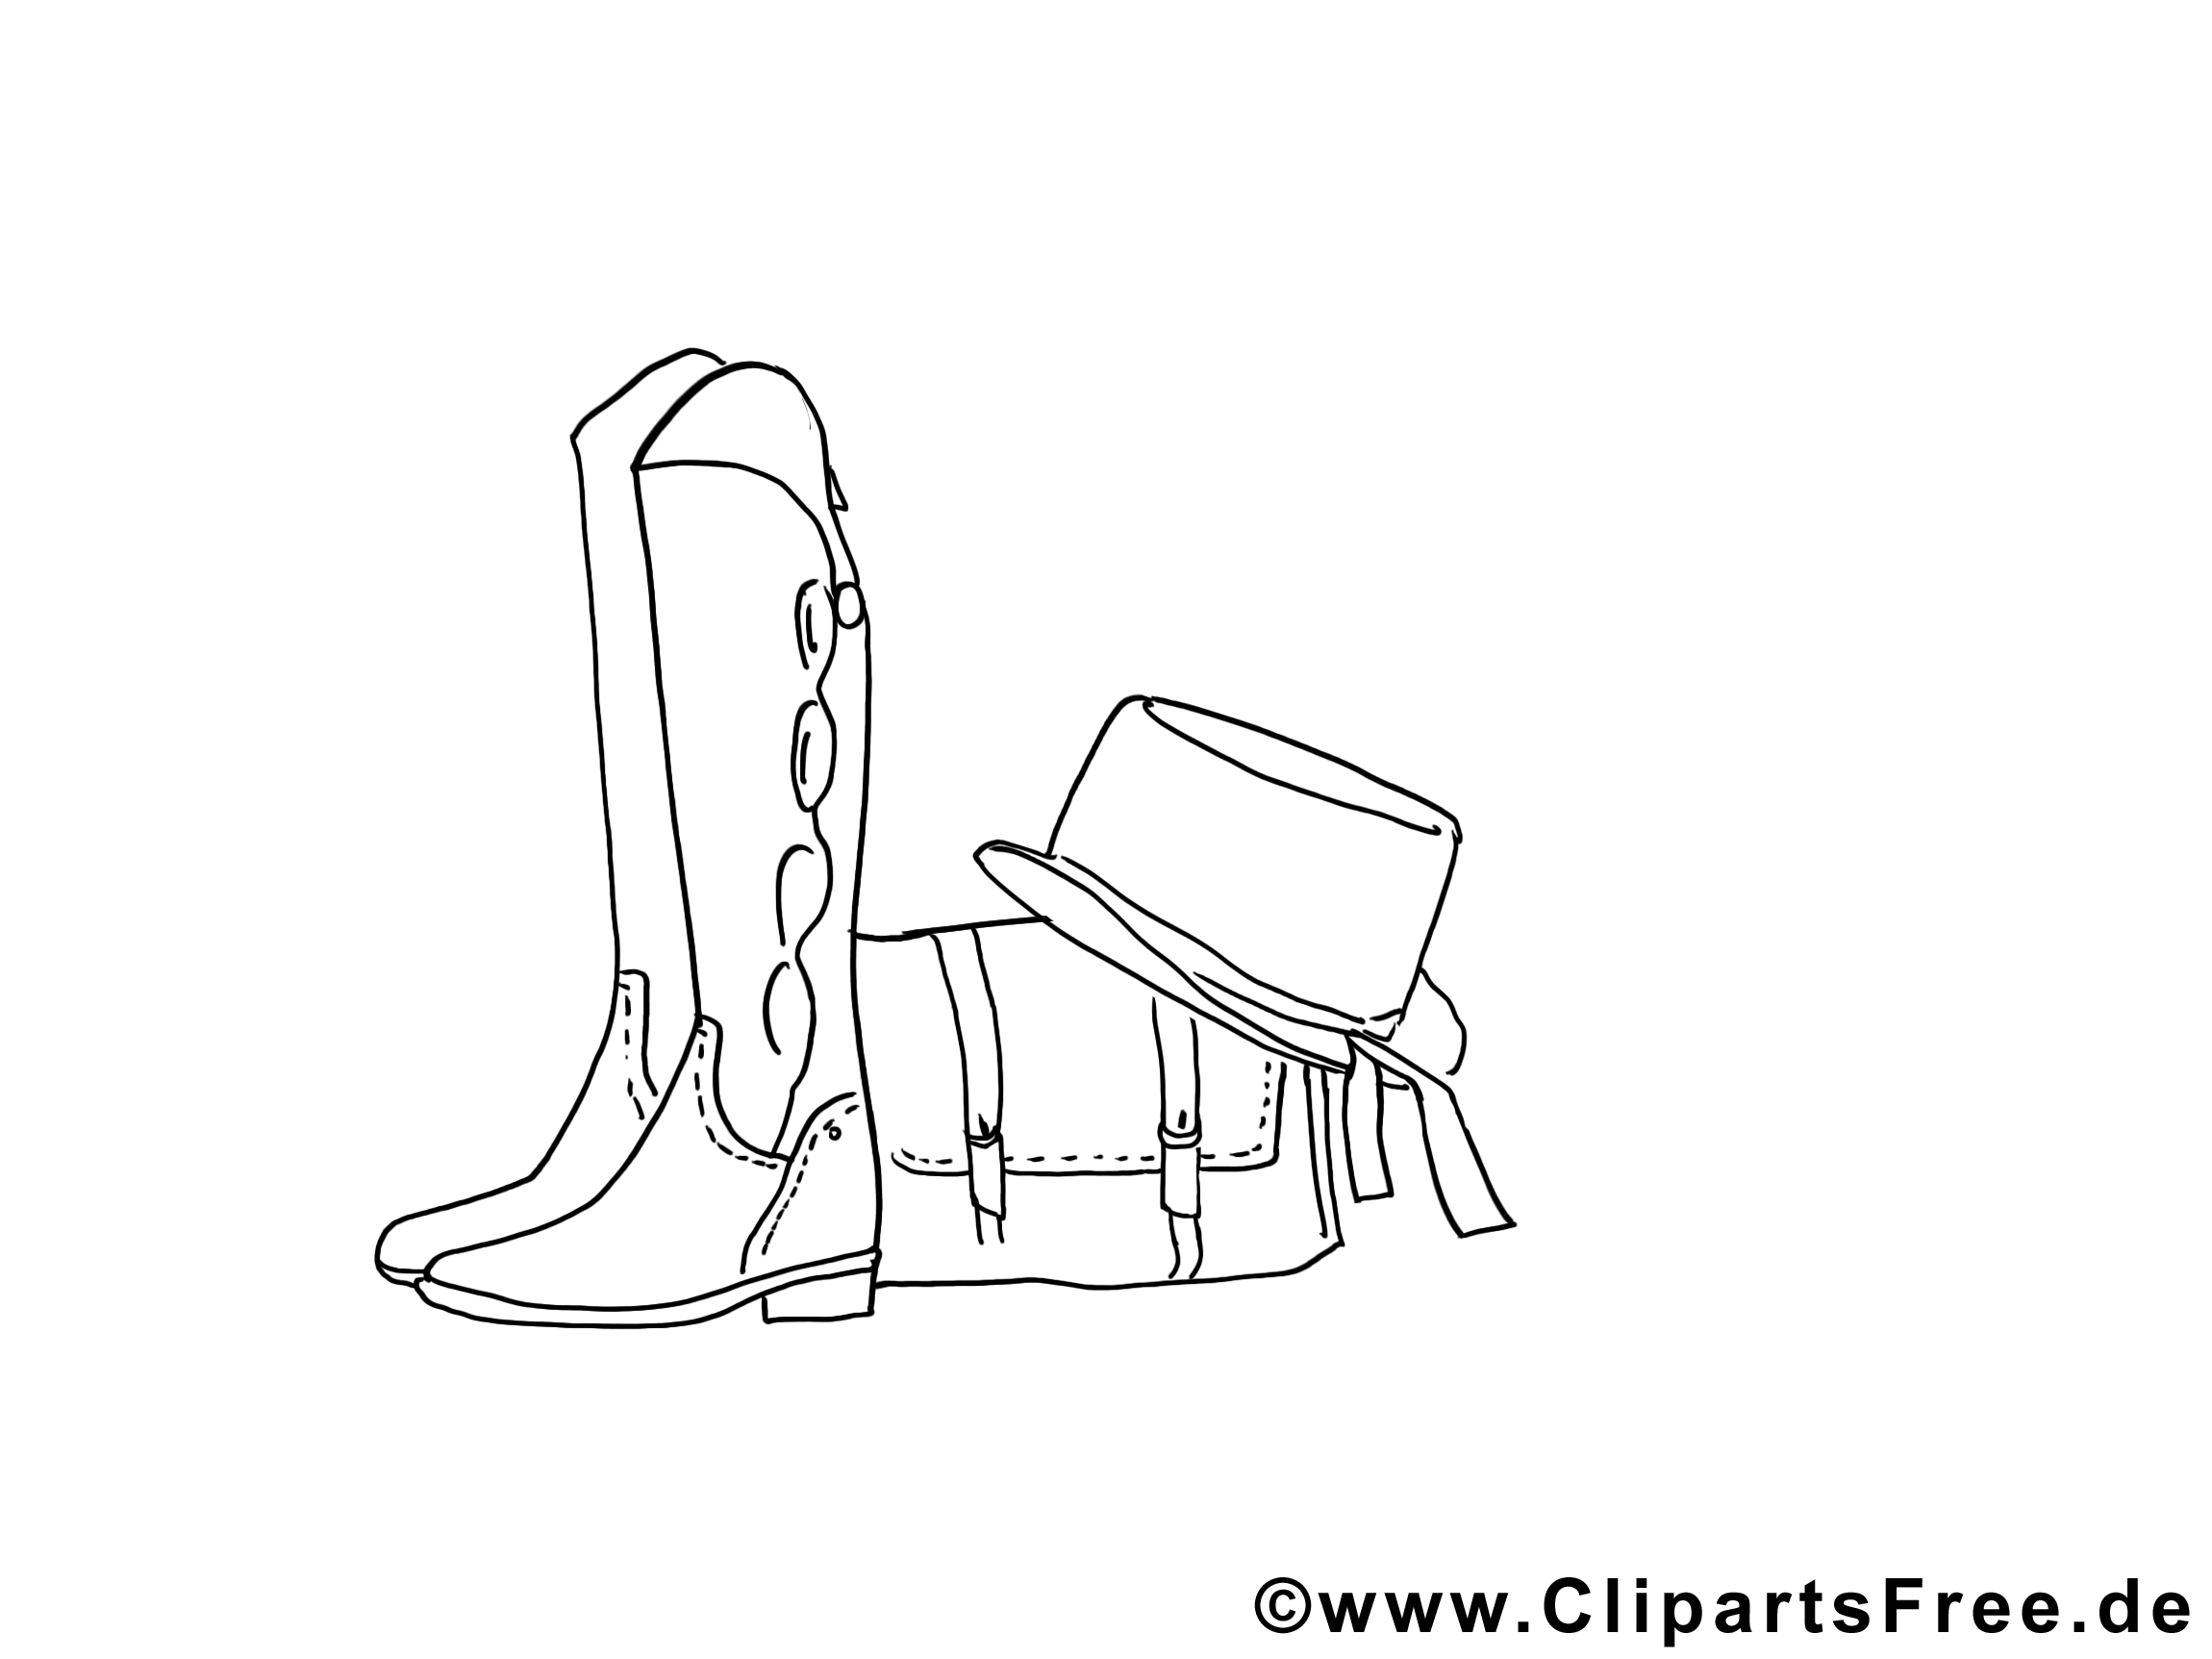 Bilder zum Ausmalen und Drucken Stiefel, Tasche, Hut ...